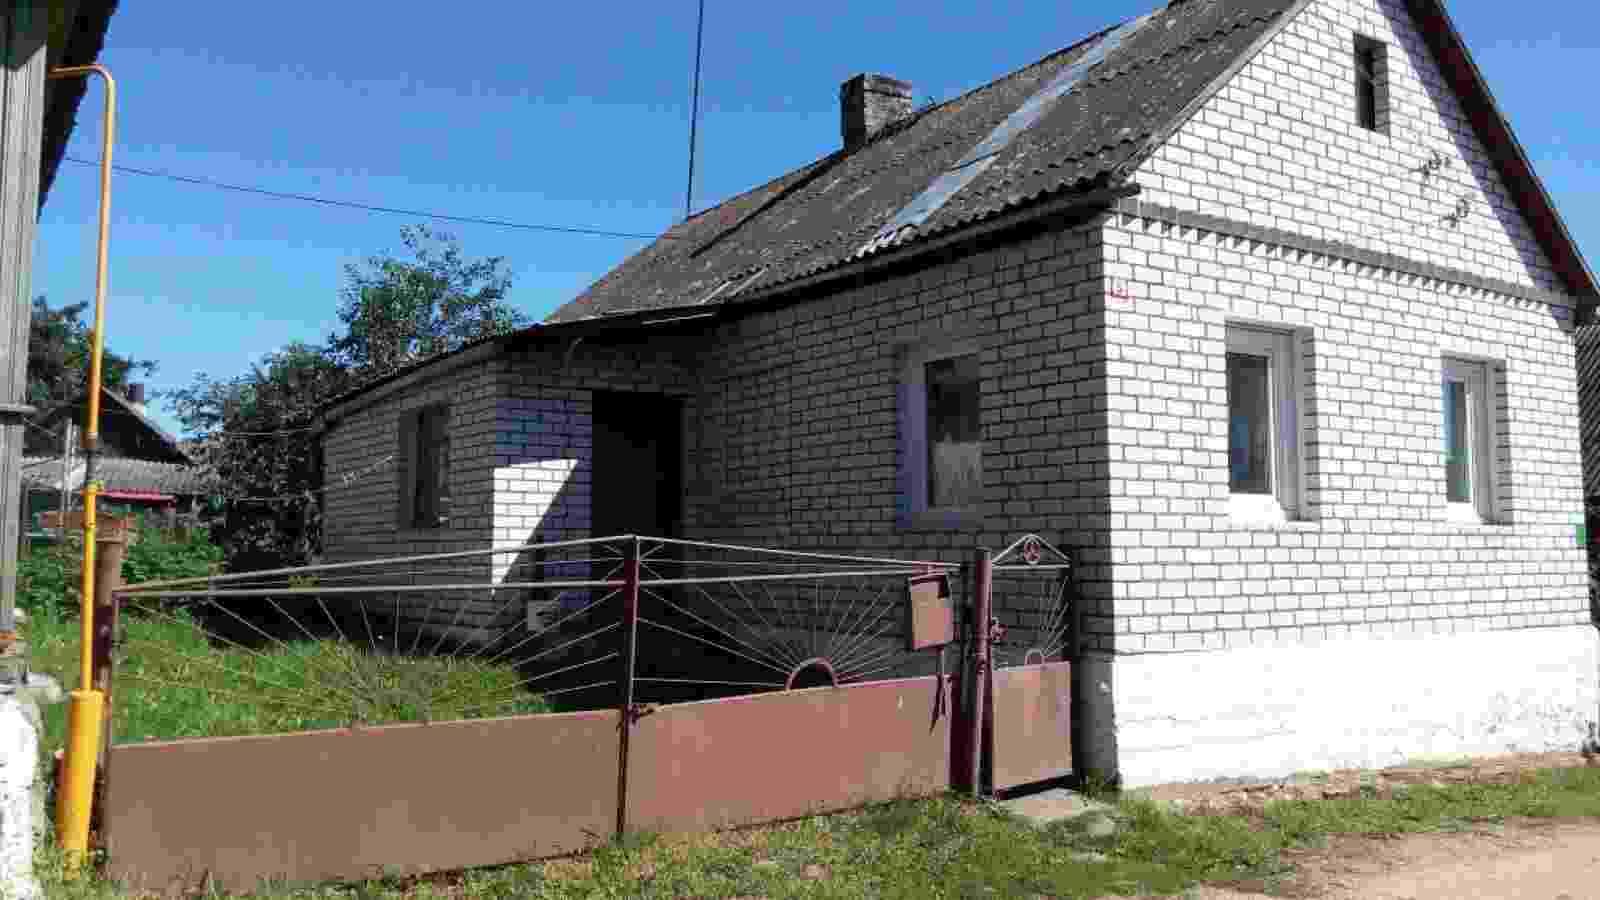 Дом жилой Продажа (или обмен на кв. в Минске, возможно, с доплатой) 25000 $